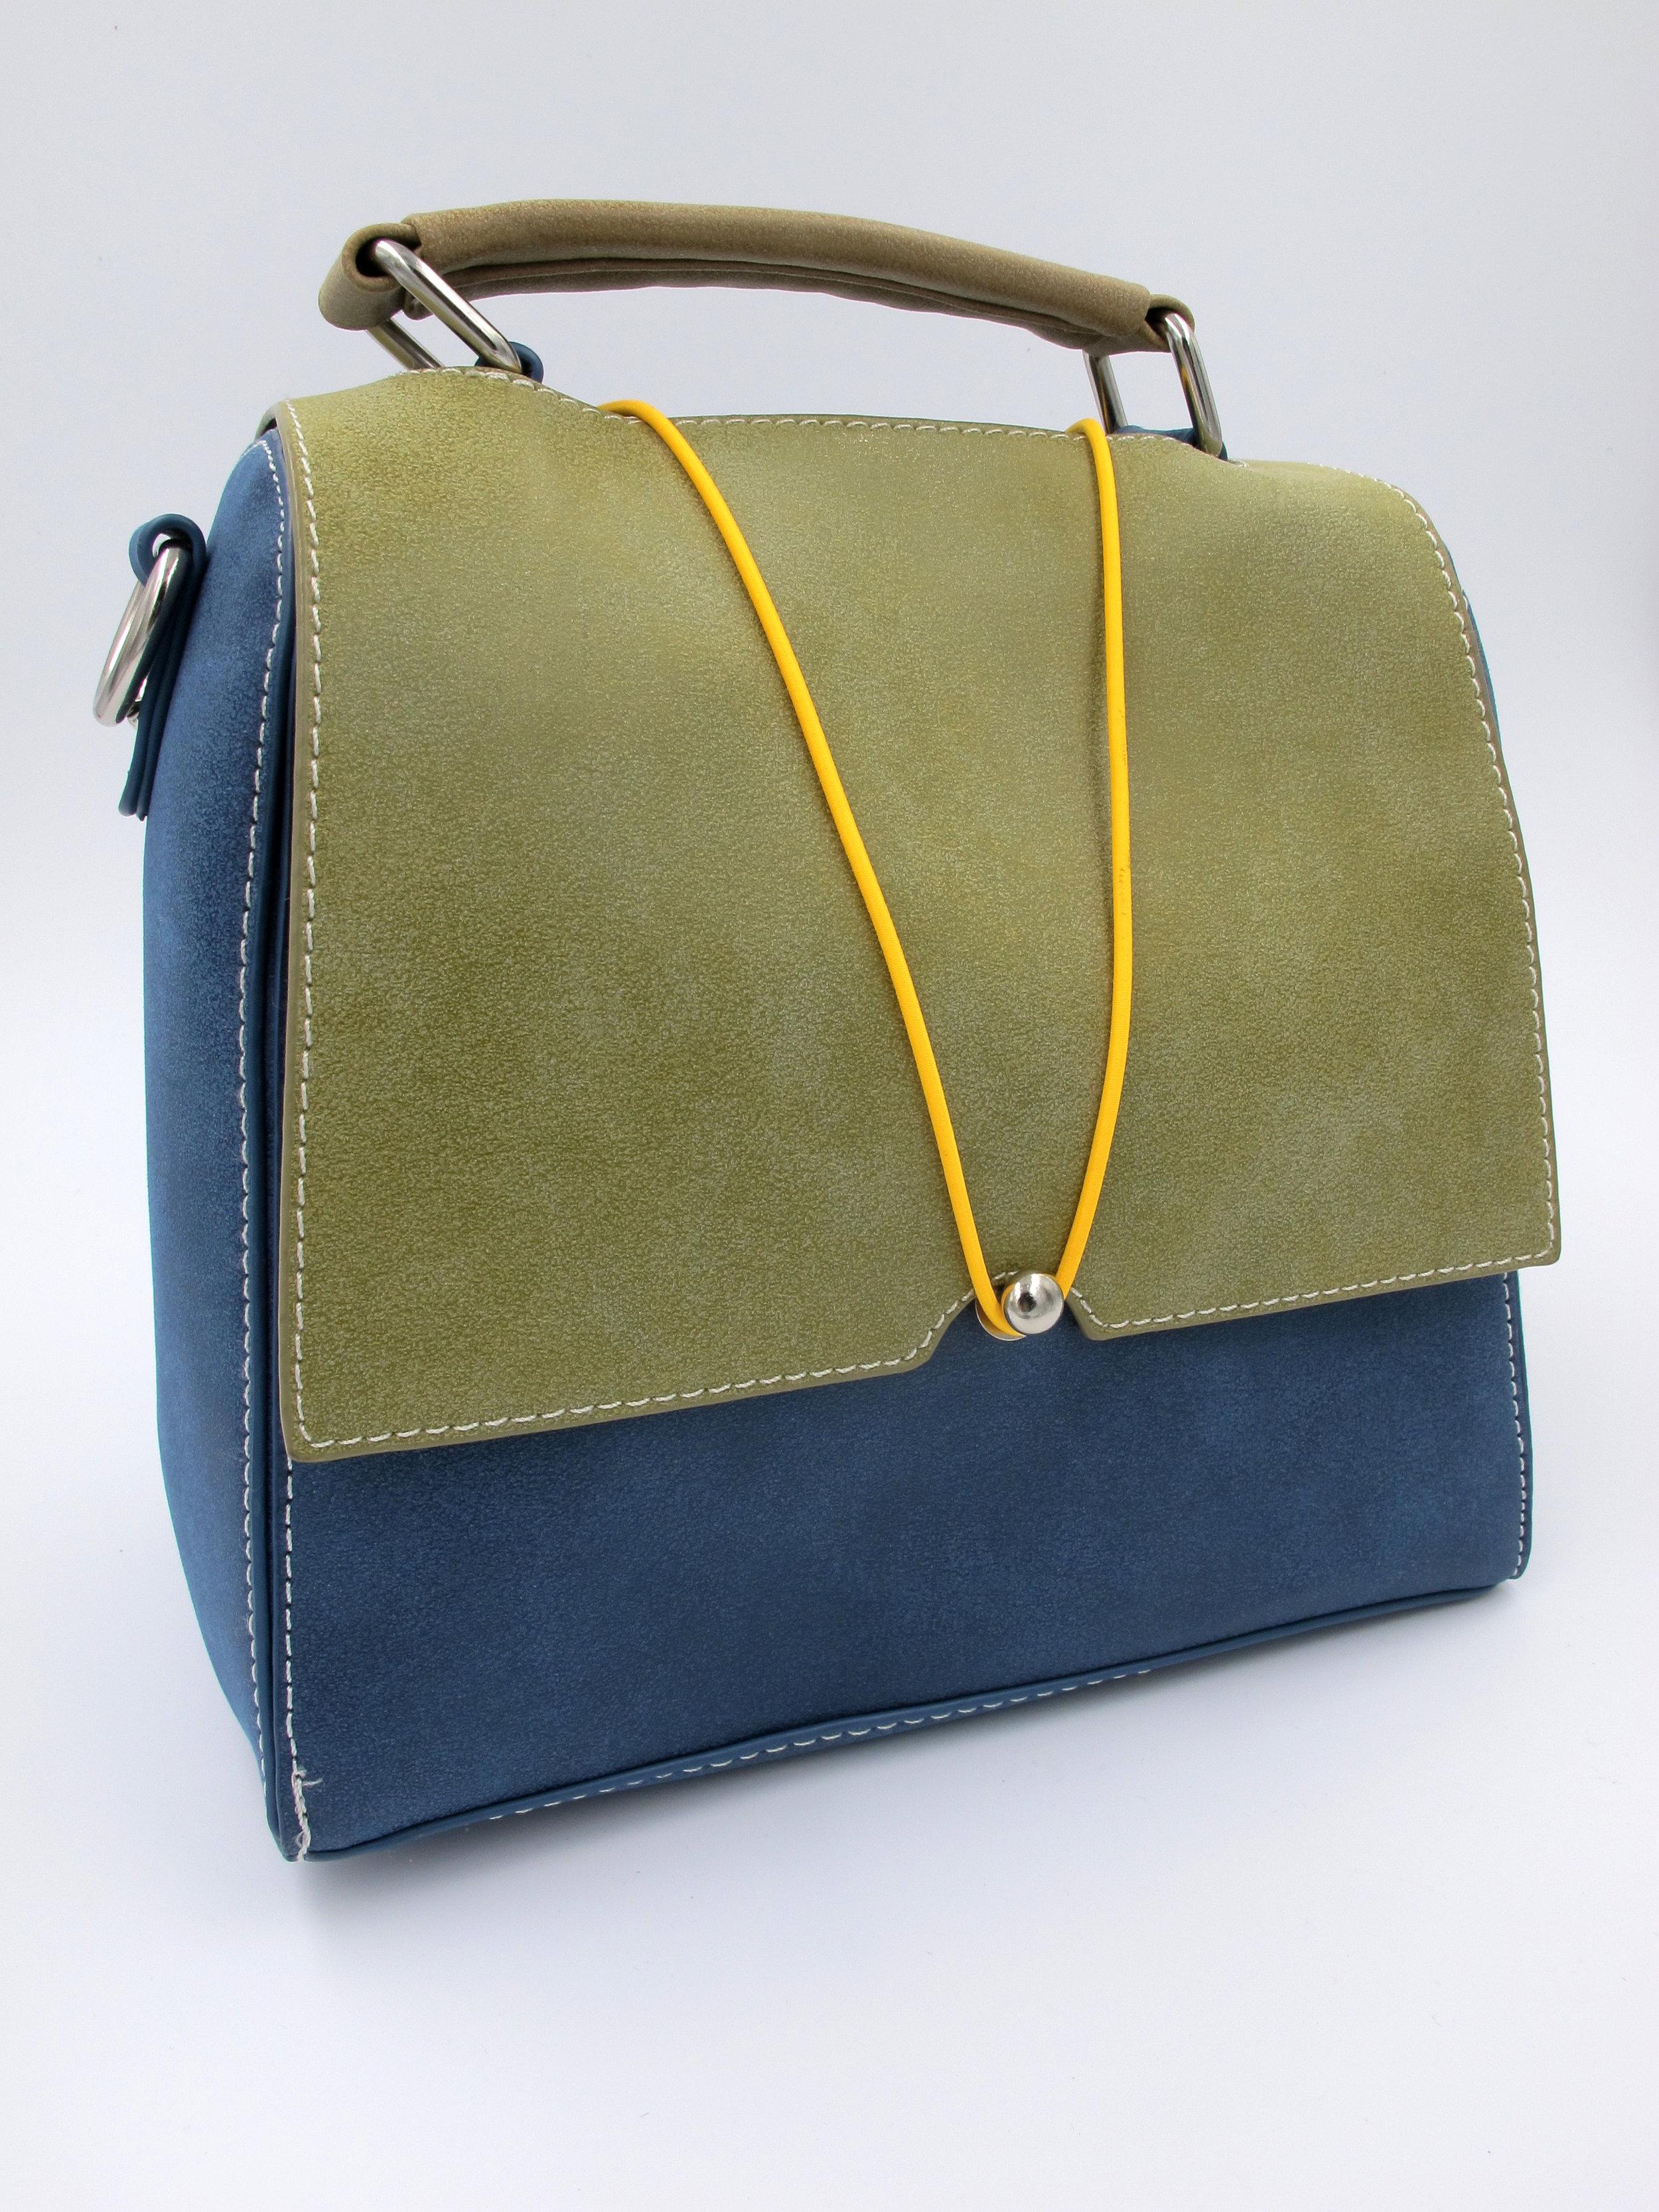 Vegan bags from Dutch designers, Hi Di Hi